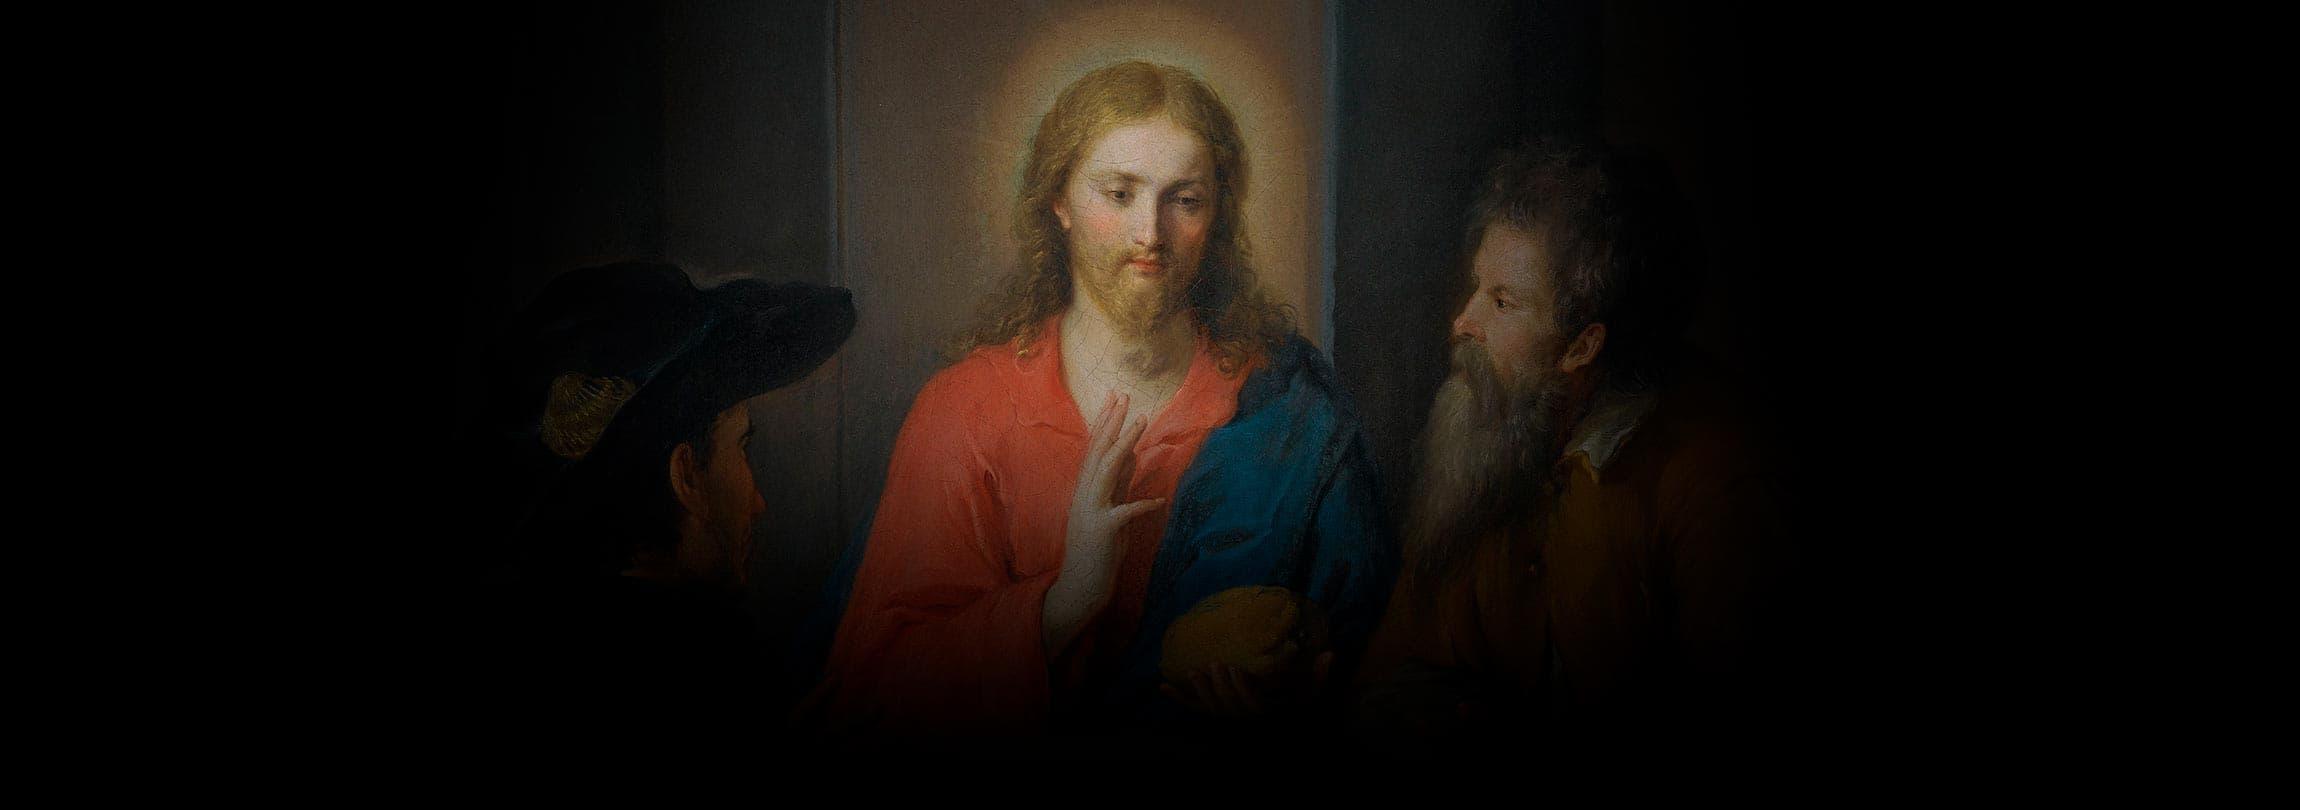 Liturgia: Mistério da Salvação - Parte III